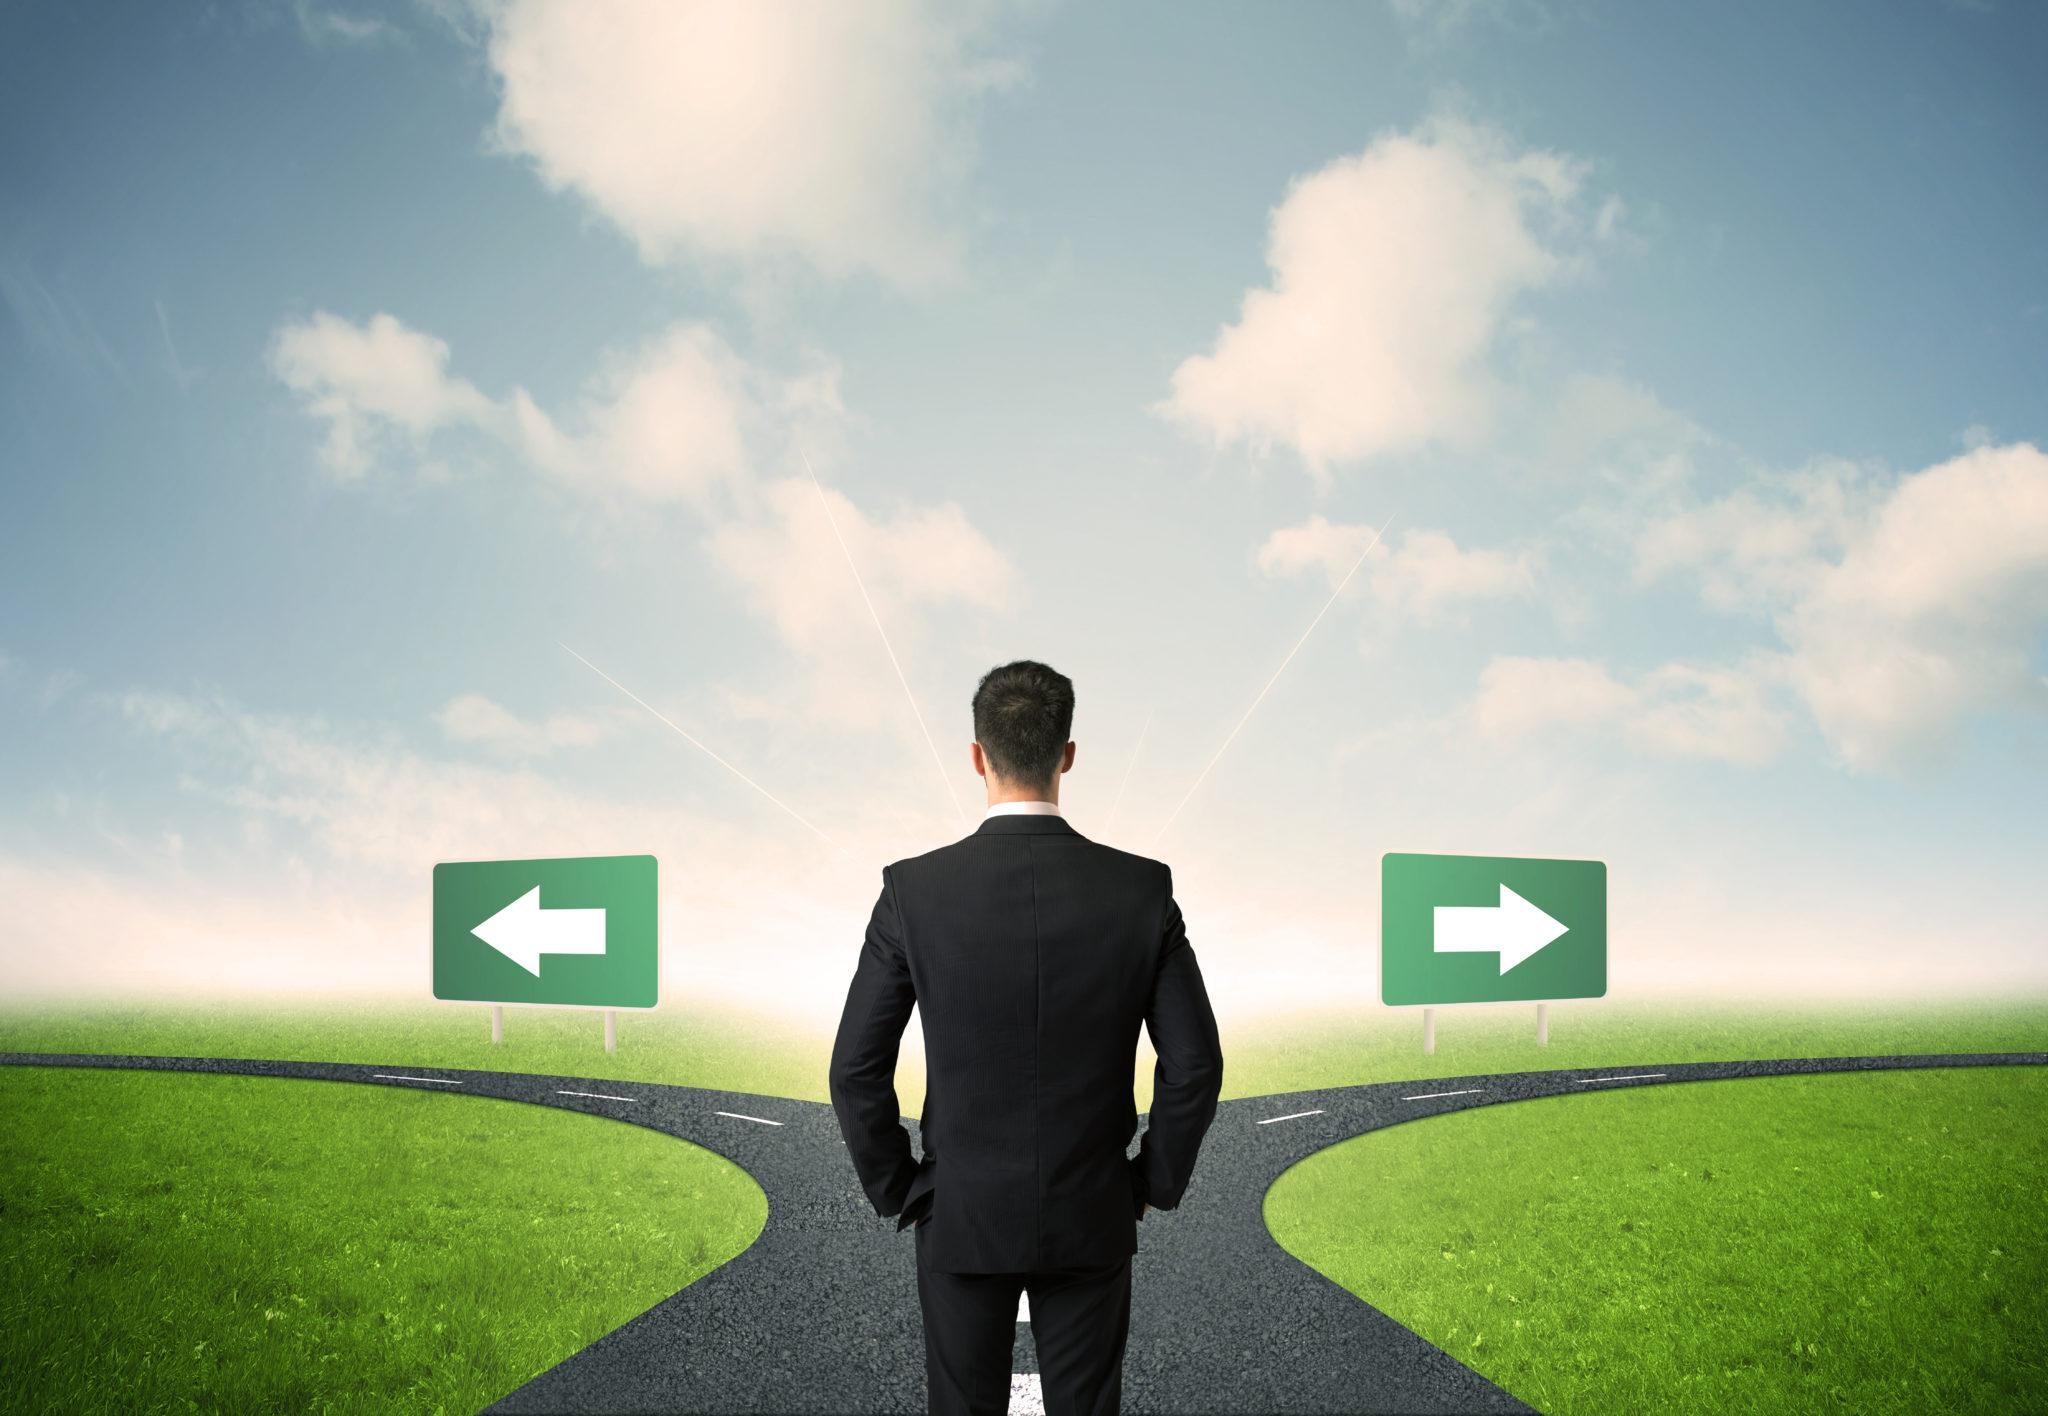 就活でベンチャー企業を選択することのリスクとメリットとは